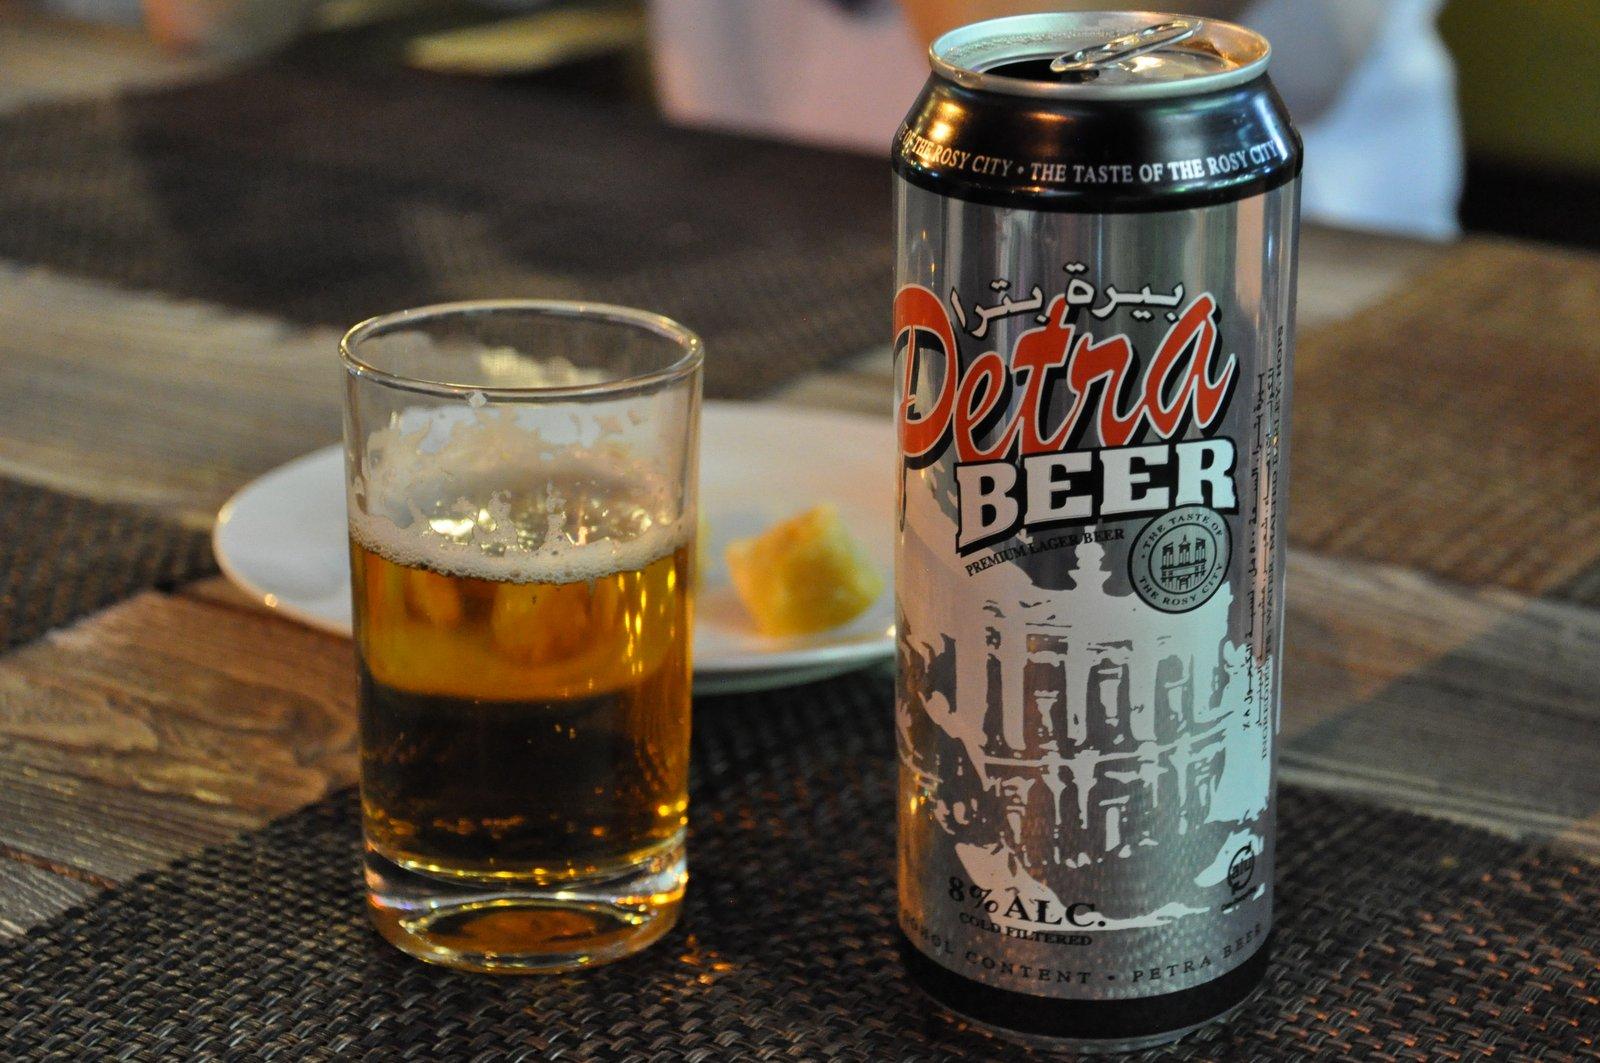 jordanie biere petra beer